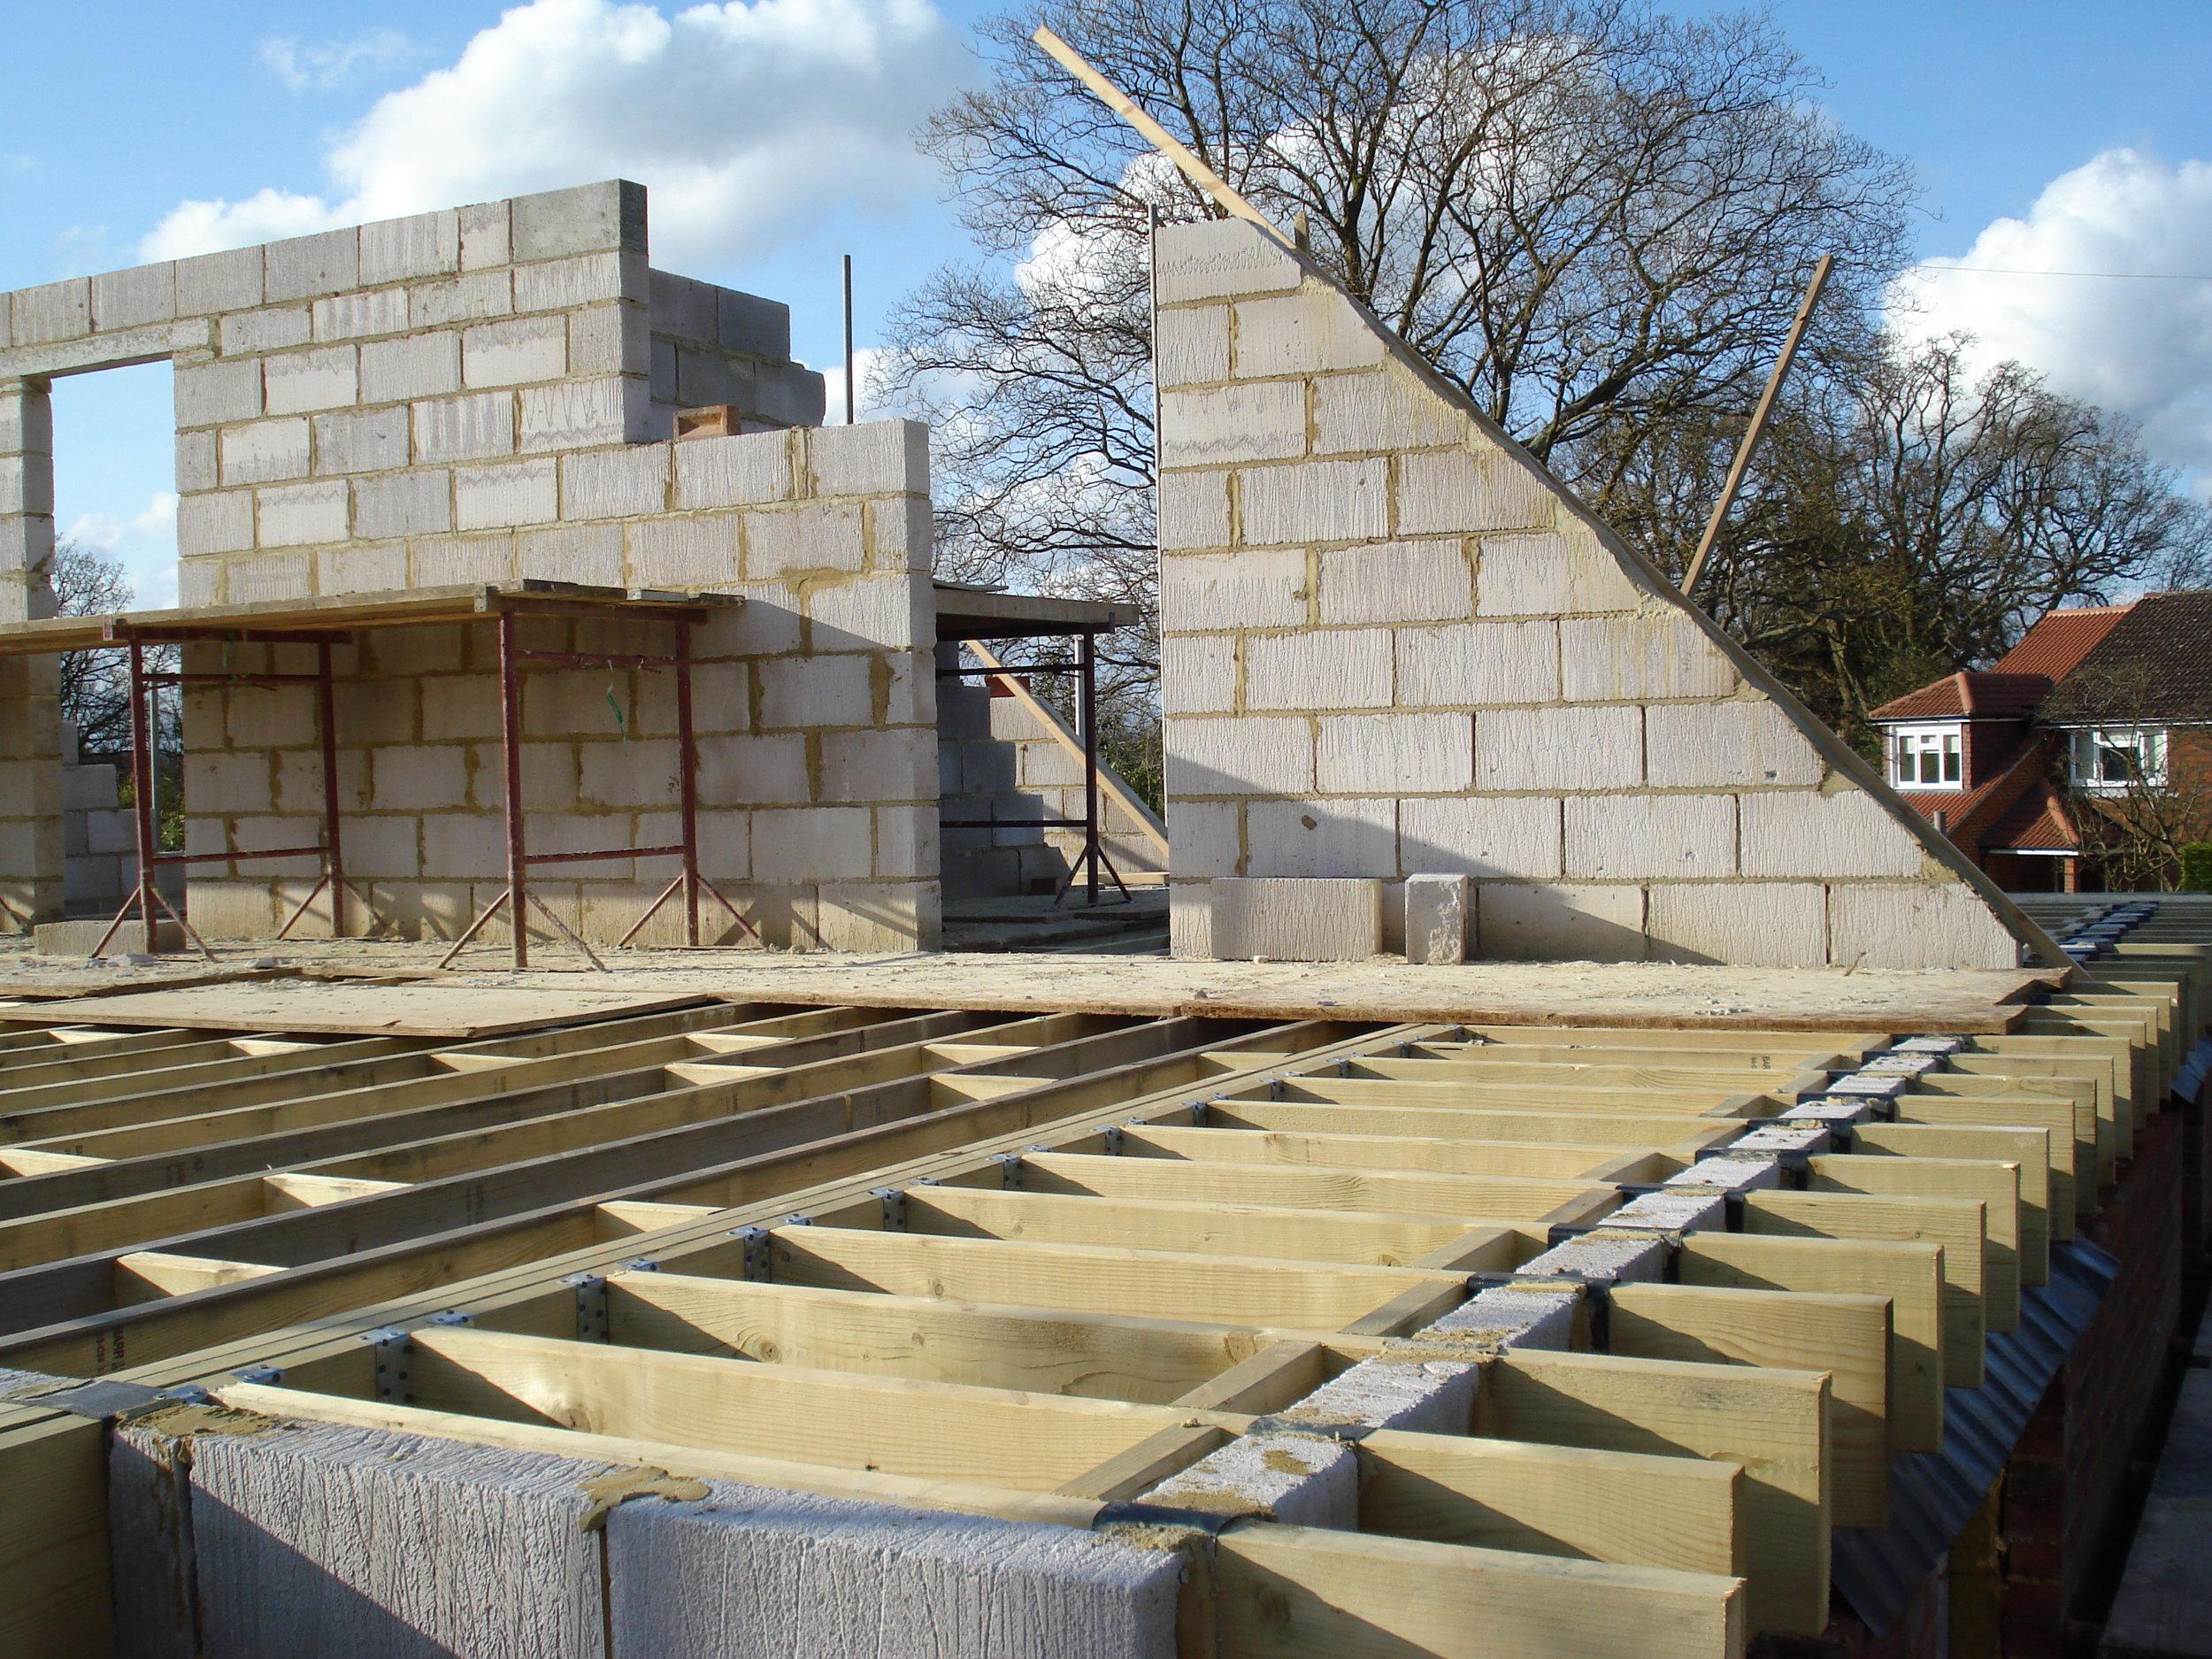 Farnham New Build